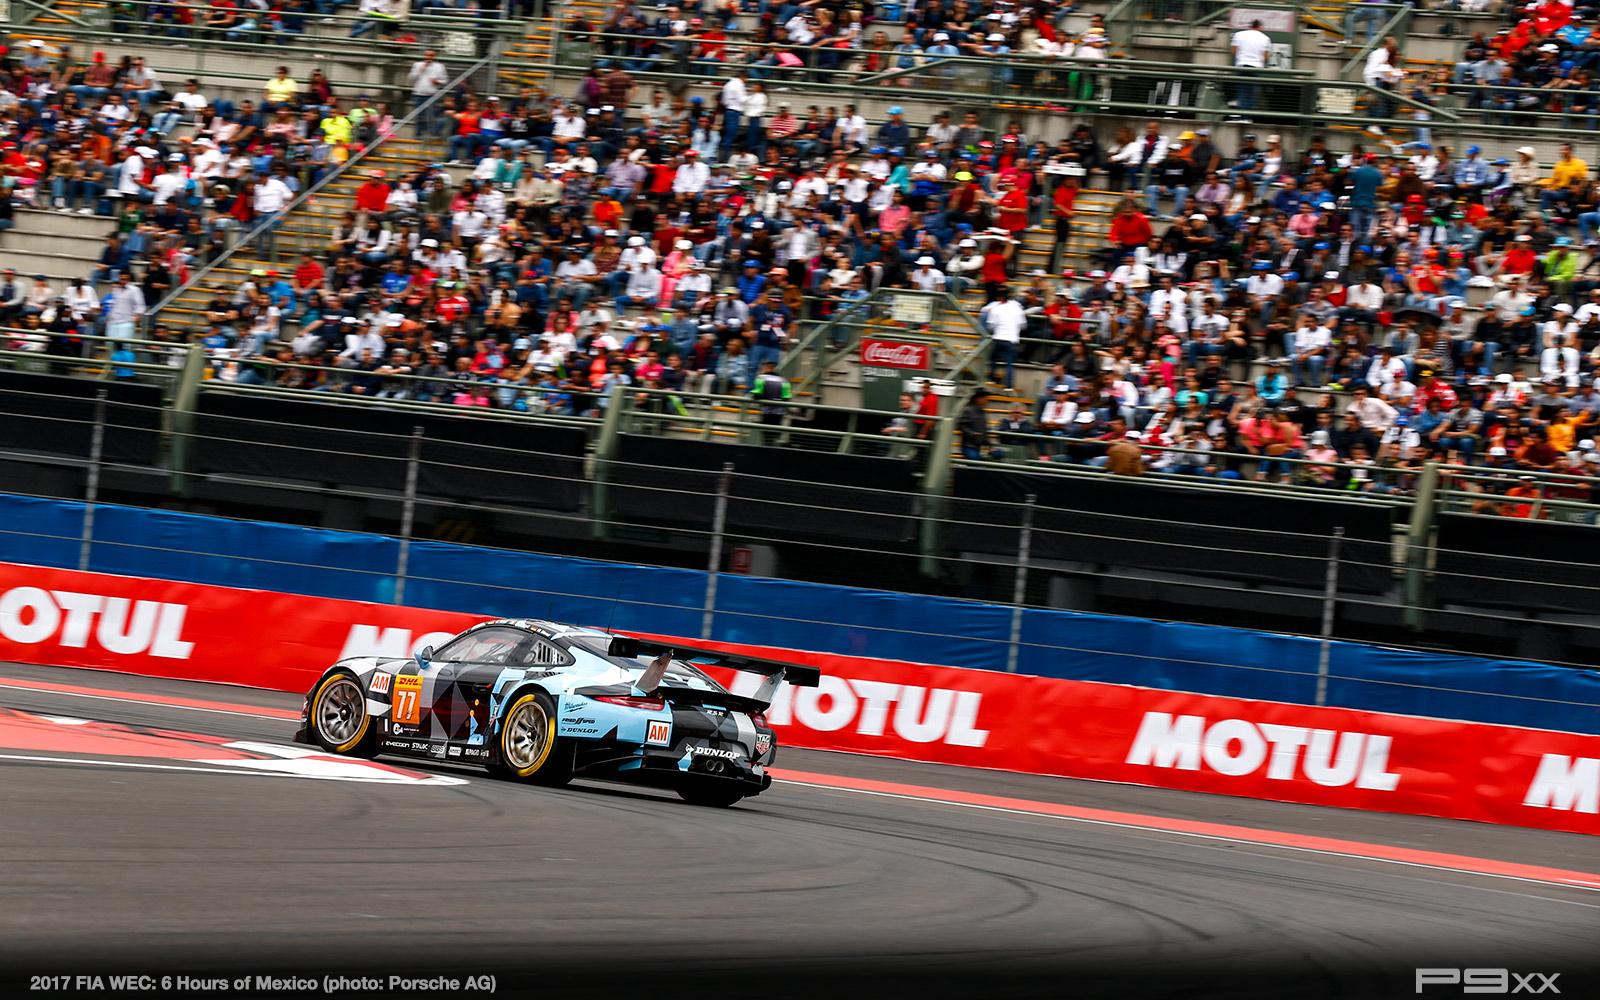 2017-FIA-WEC-6-HOURS-MEXICO-PORSCHE-1374